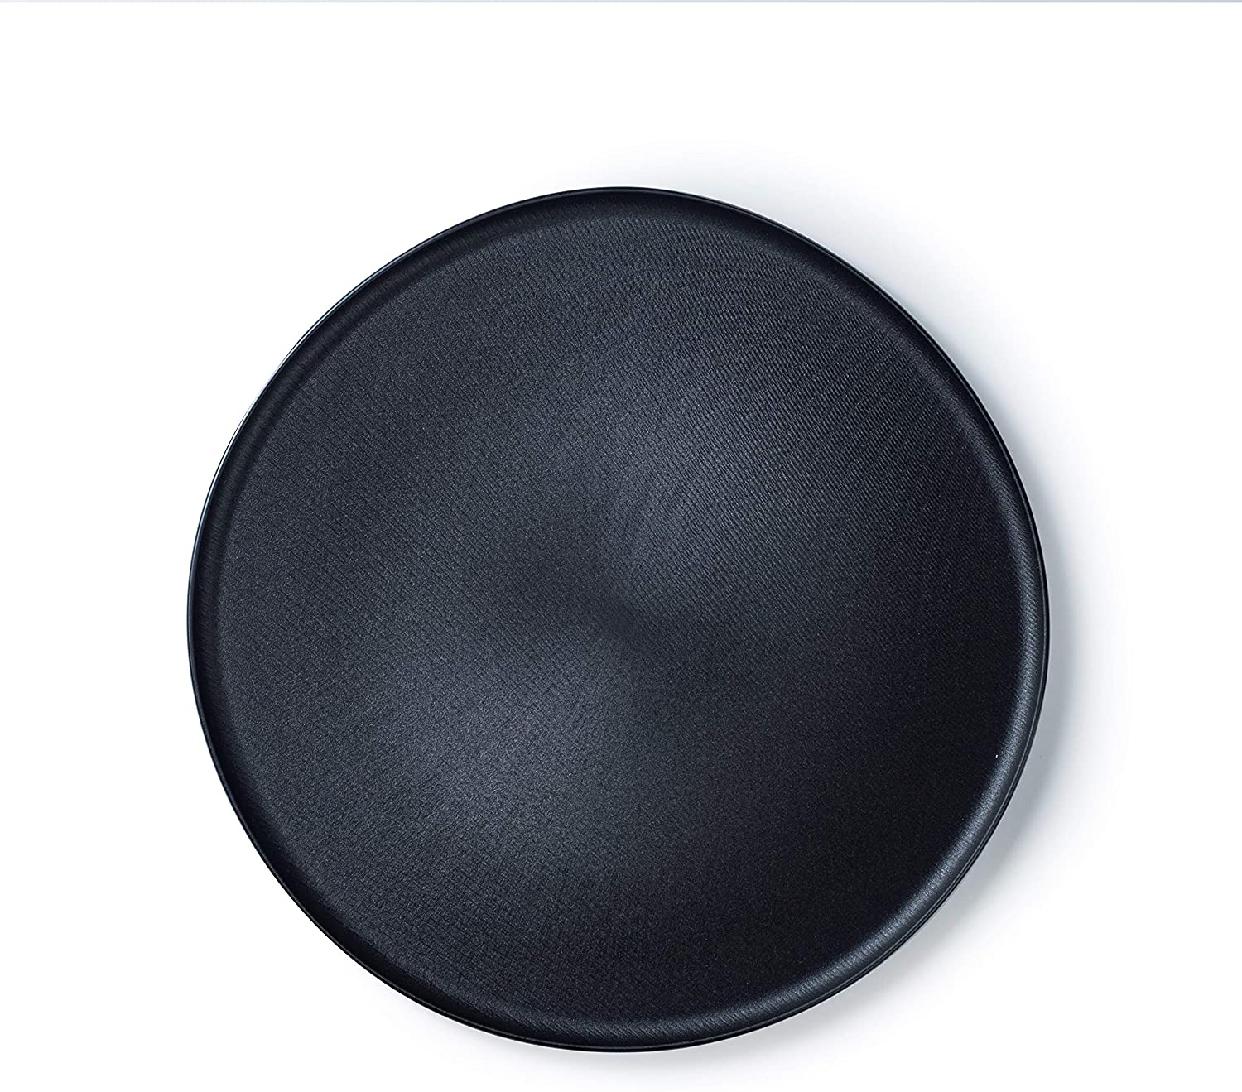 ARAS(エイラス)大皿モアレ ブラック A_06BKの商品画像